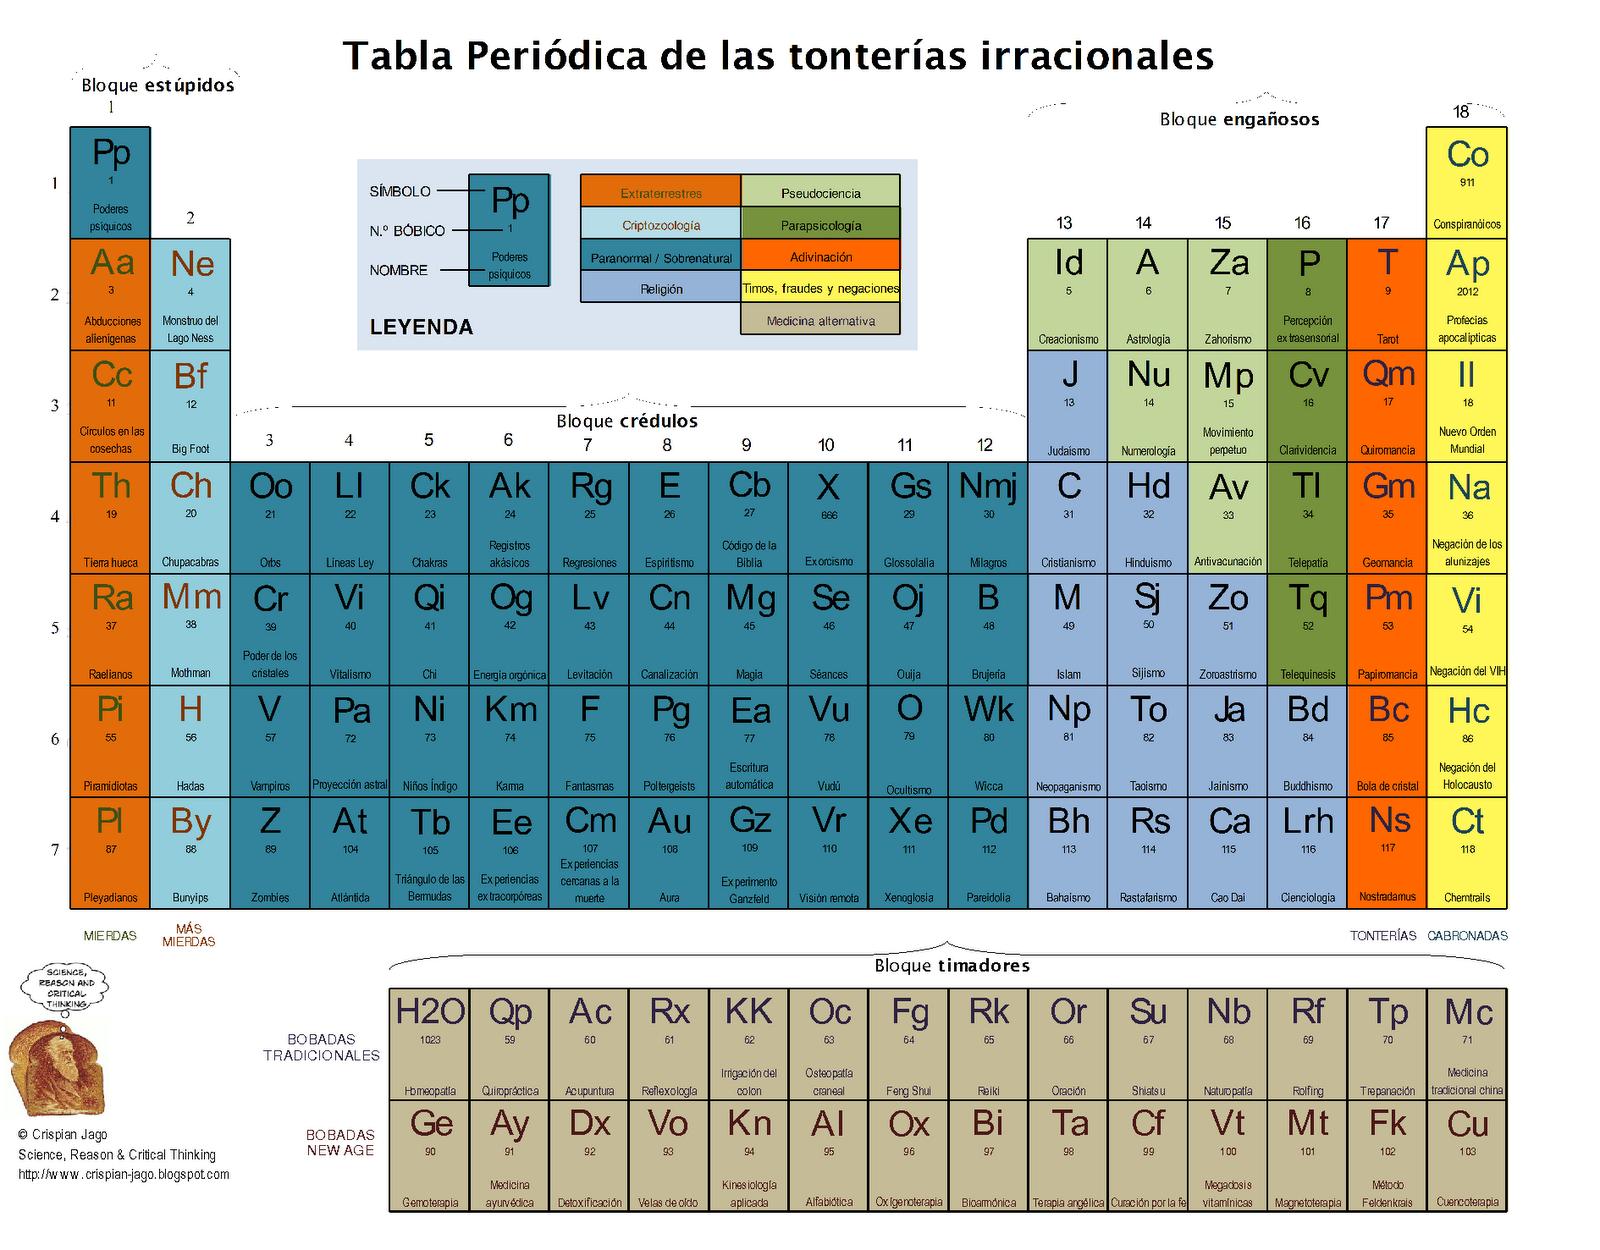 La tabla peridica de las tonteras irracionales en espaol magonia la tabla peridica de las tonteras irracionales en espaol urtaz Images